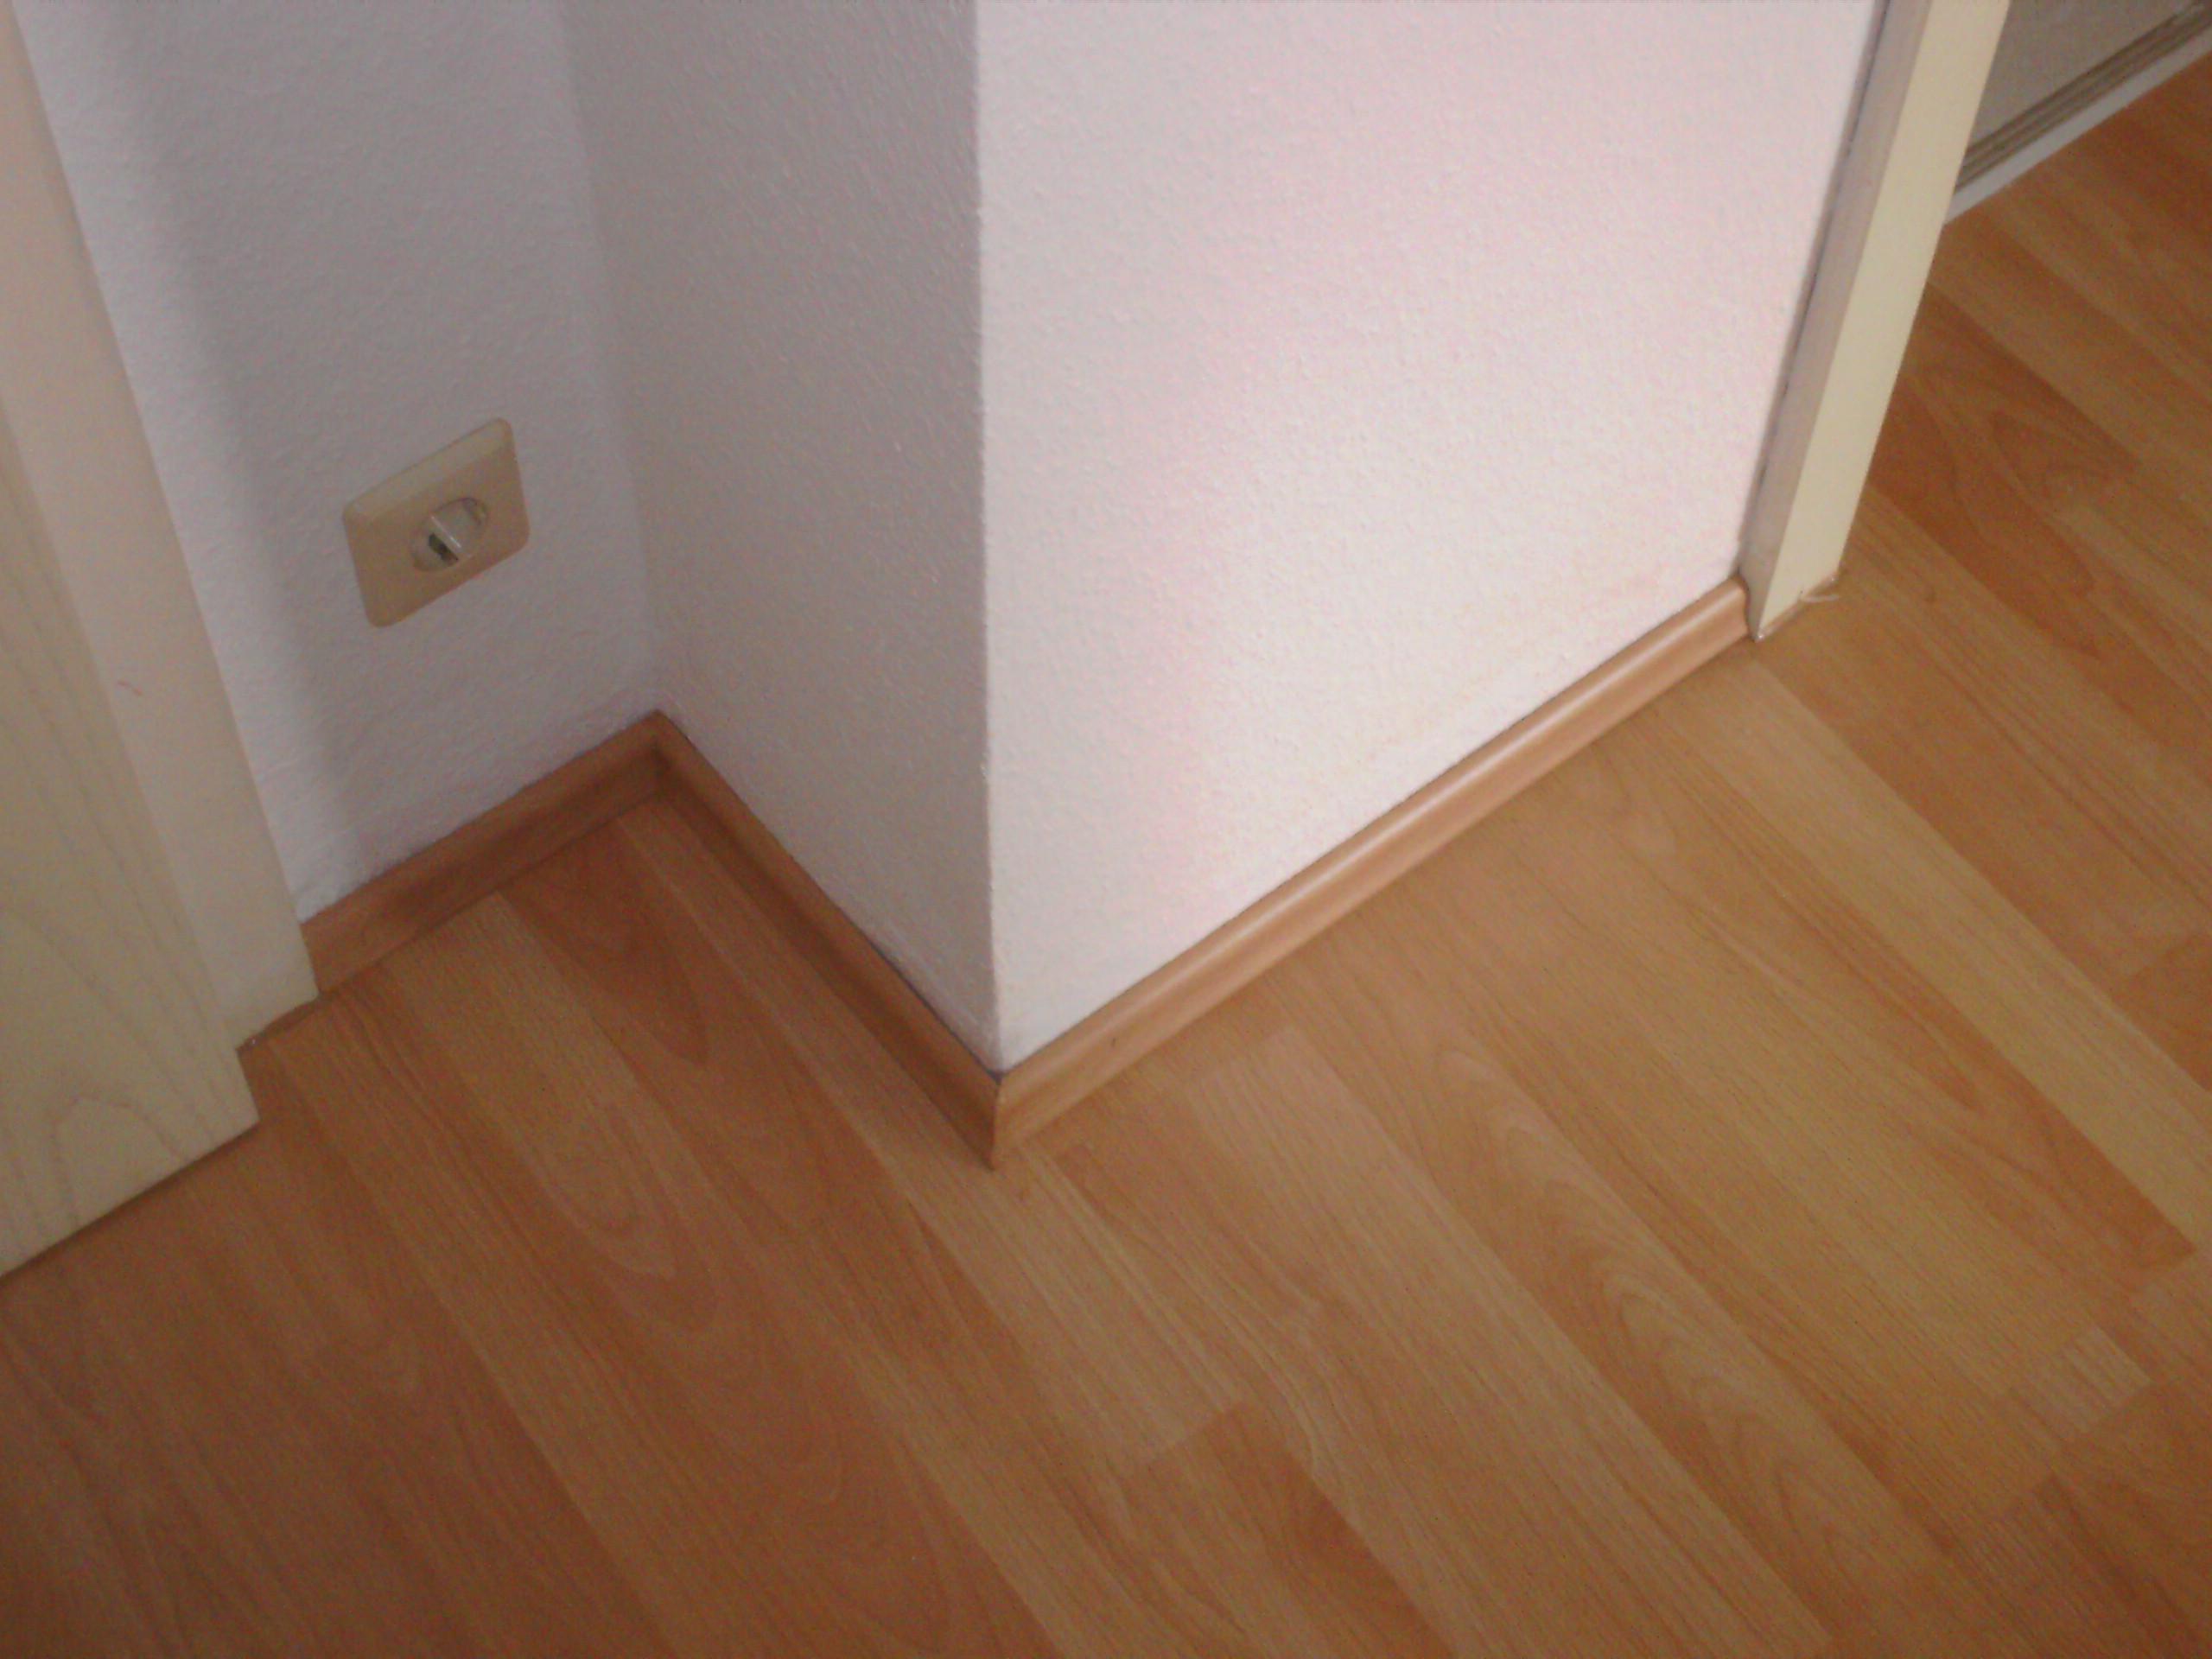 maler und lackierer sucht auftr ge arbeit in heidenheim ander brenz sonstiges kleinanzeigen. Black Bedroom Furniture Sets. Home Design Ideas